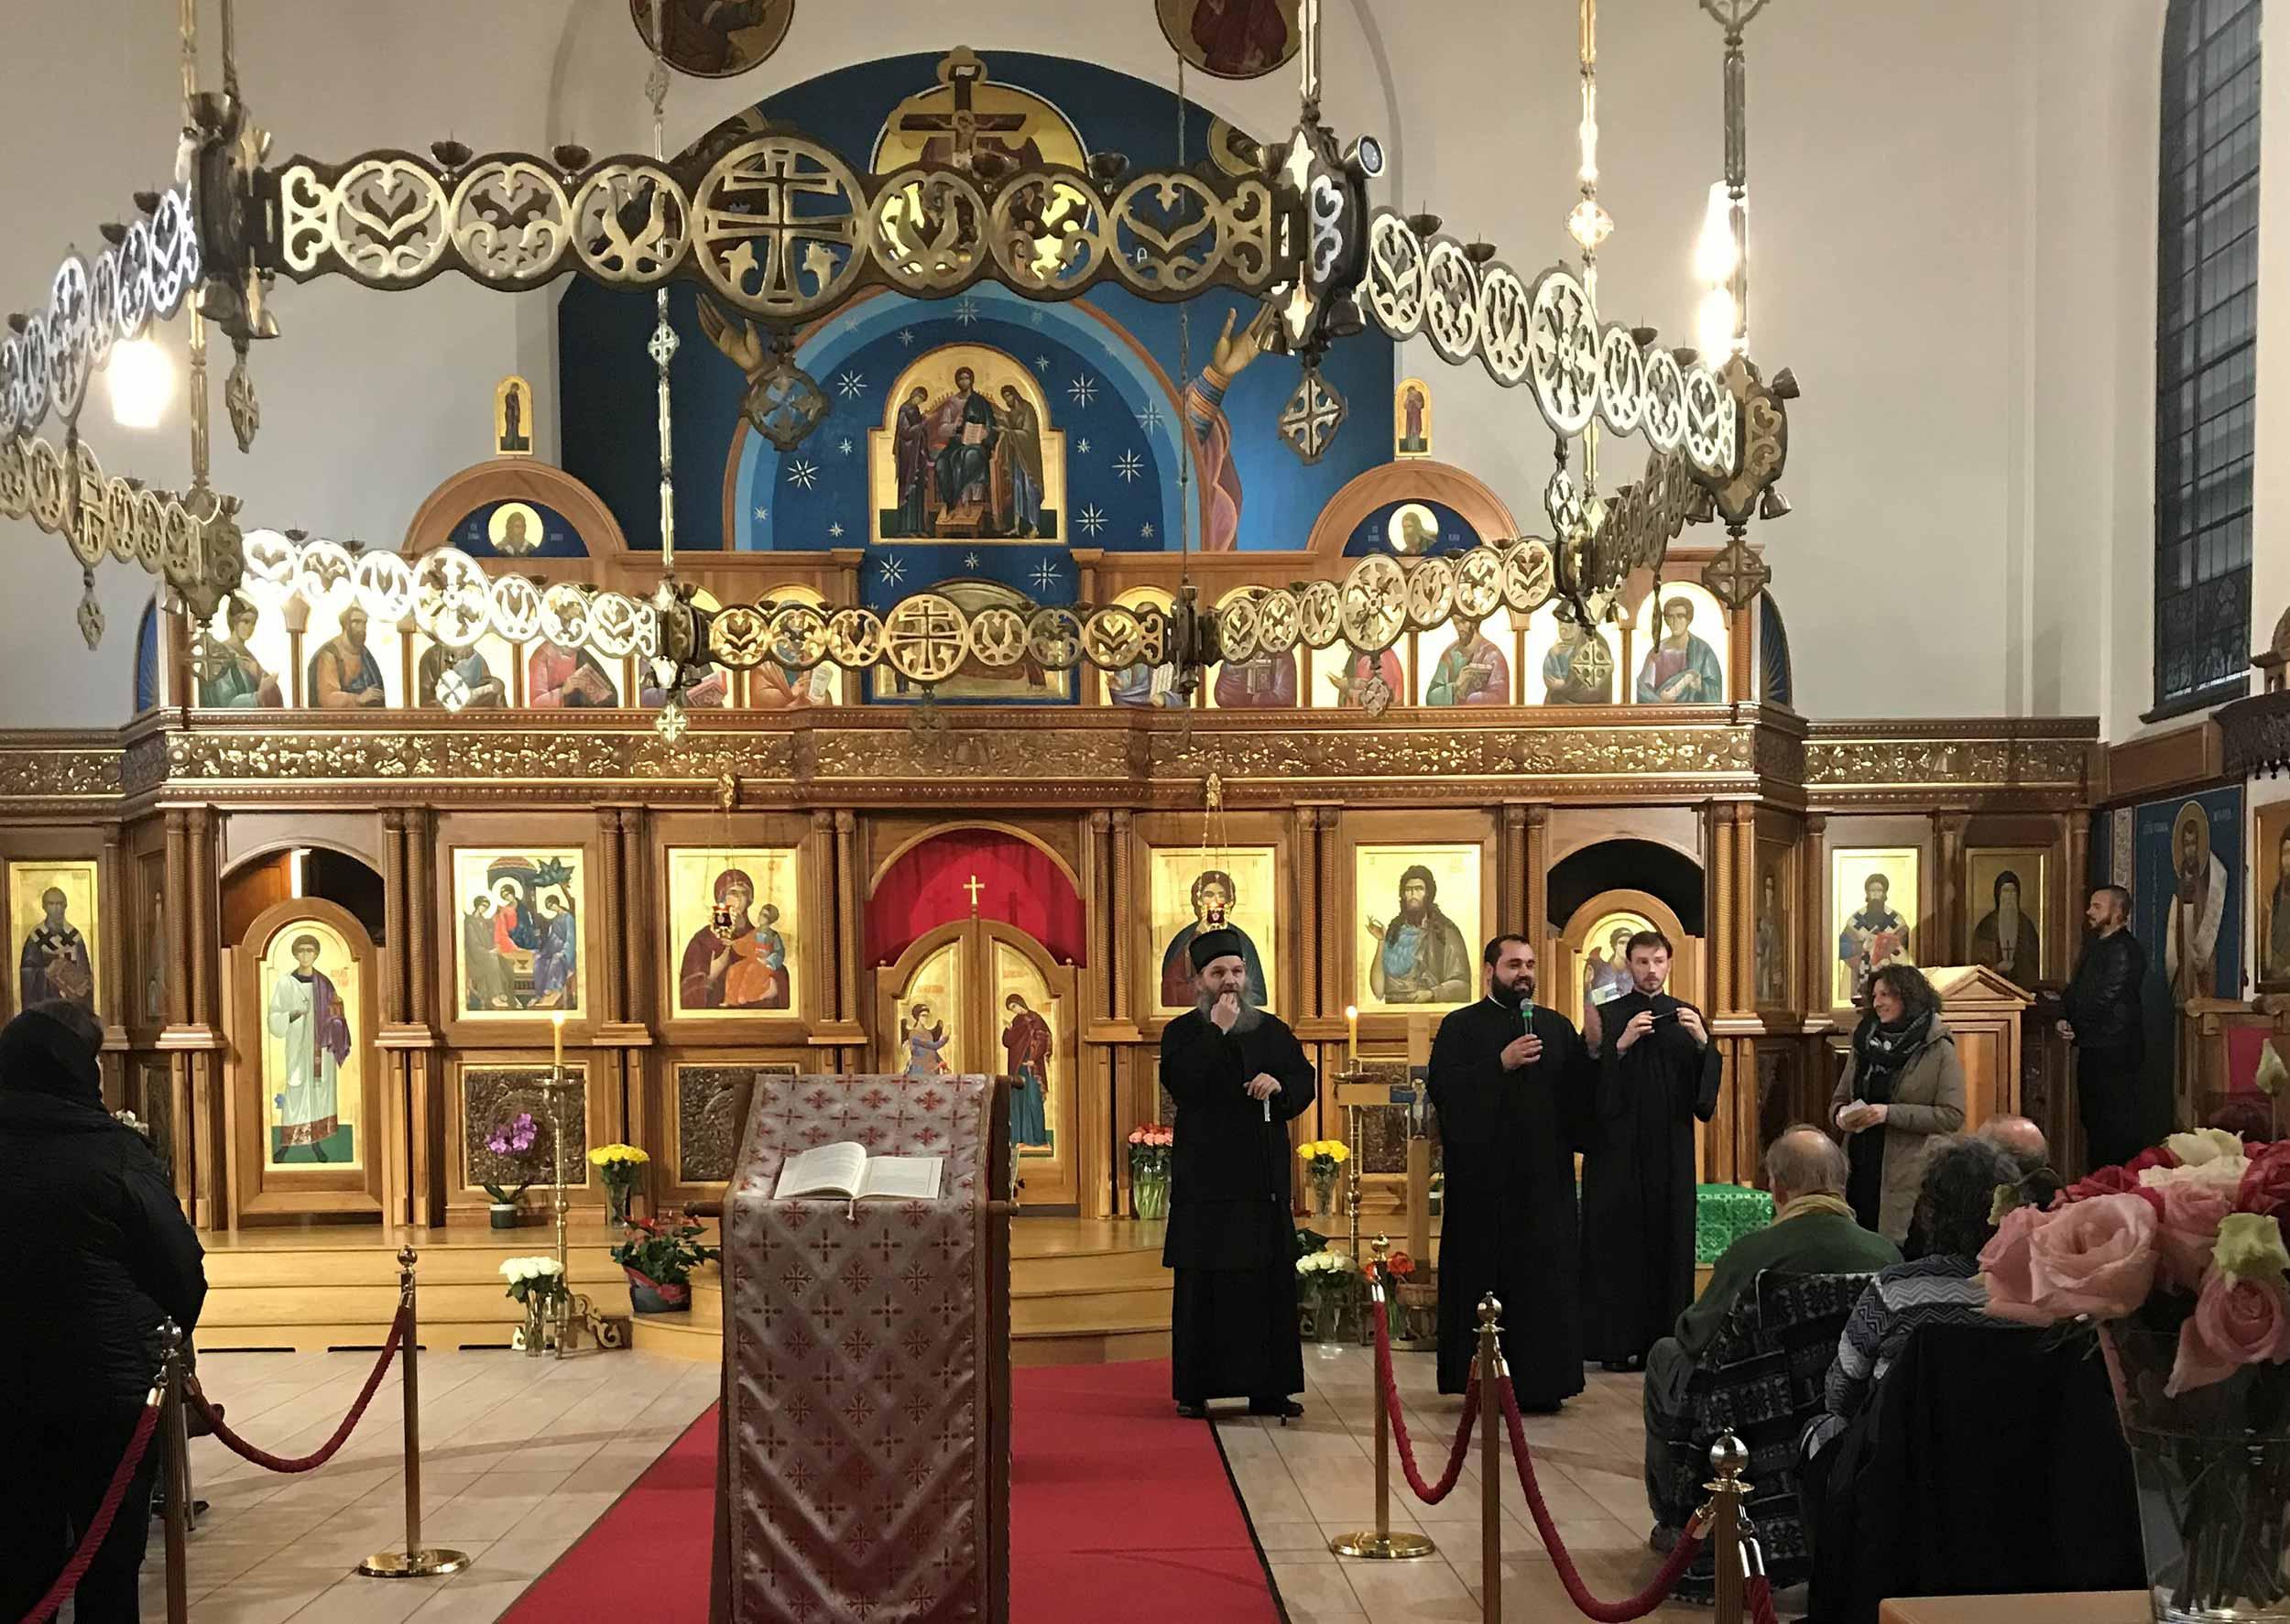 Serbisch-Orthodoxe-Kirche-Heilige-Dreifaltigkeit